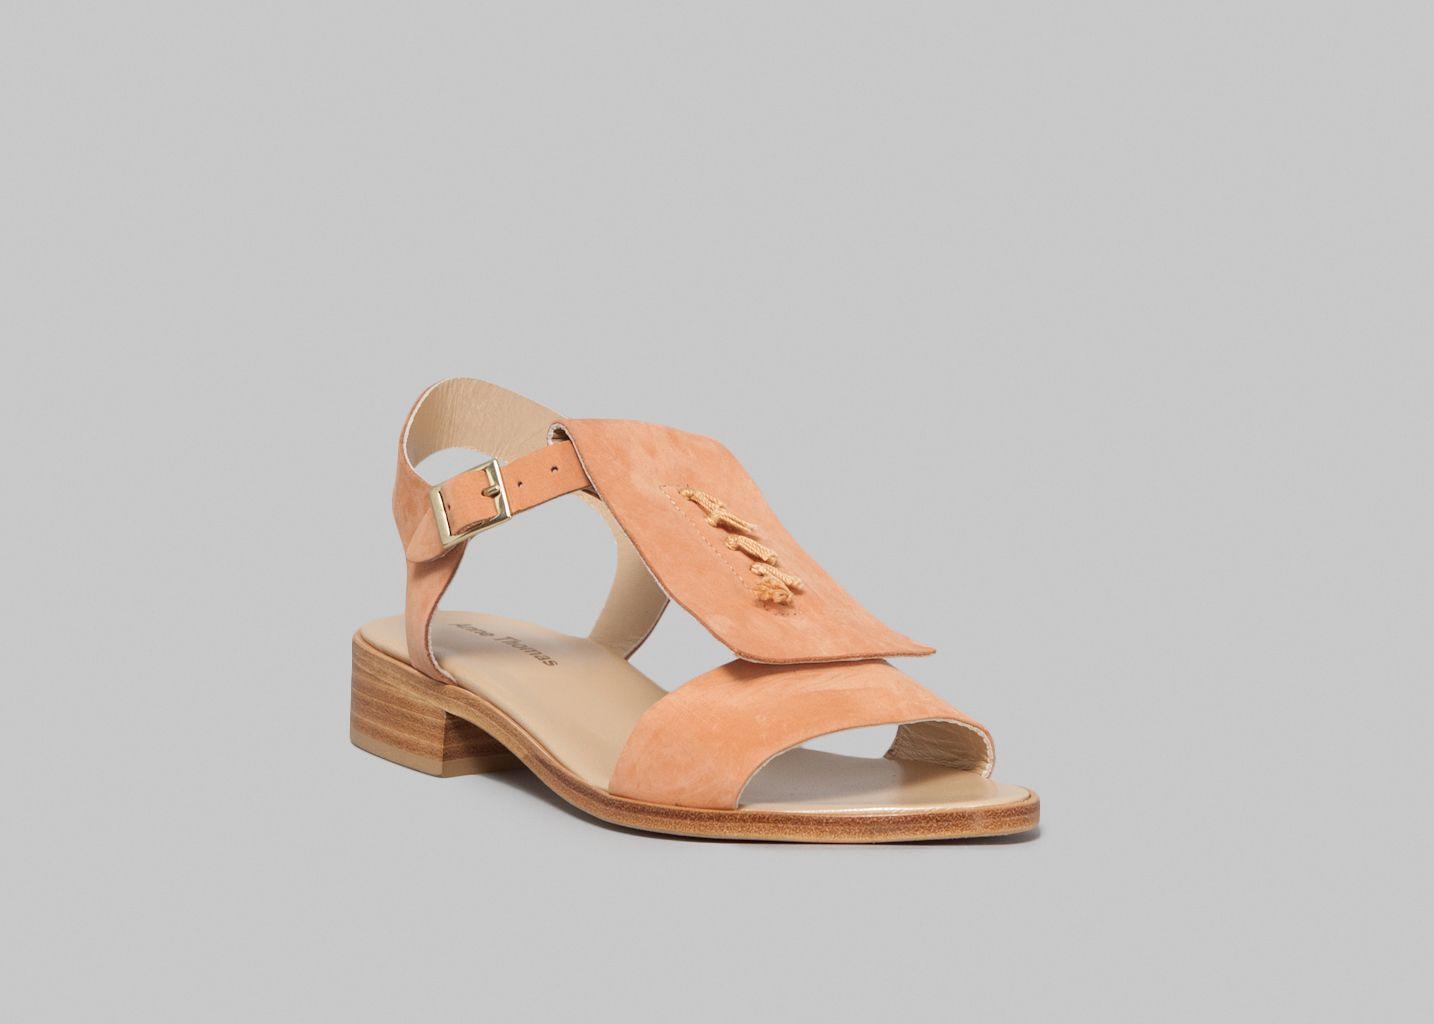 la clientèle d'abord Prix usine 2019 énorme inventaire Avignon Sandals